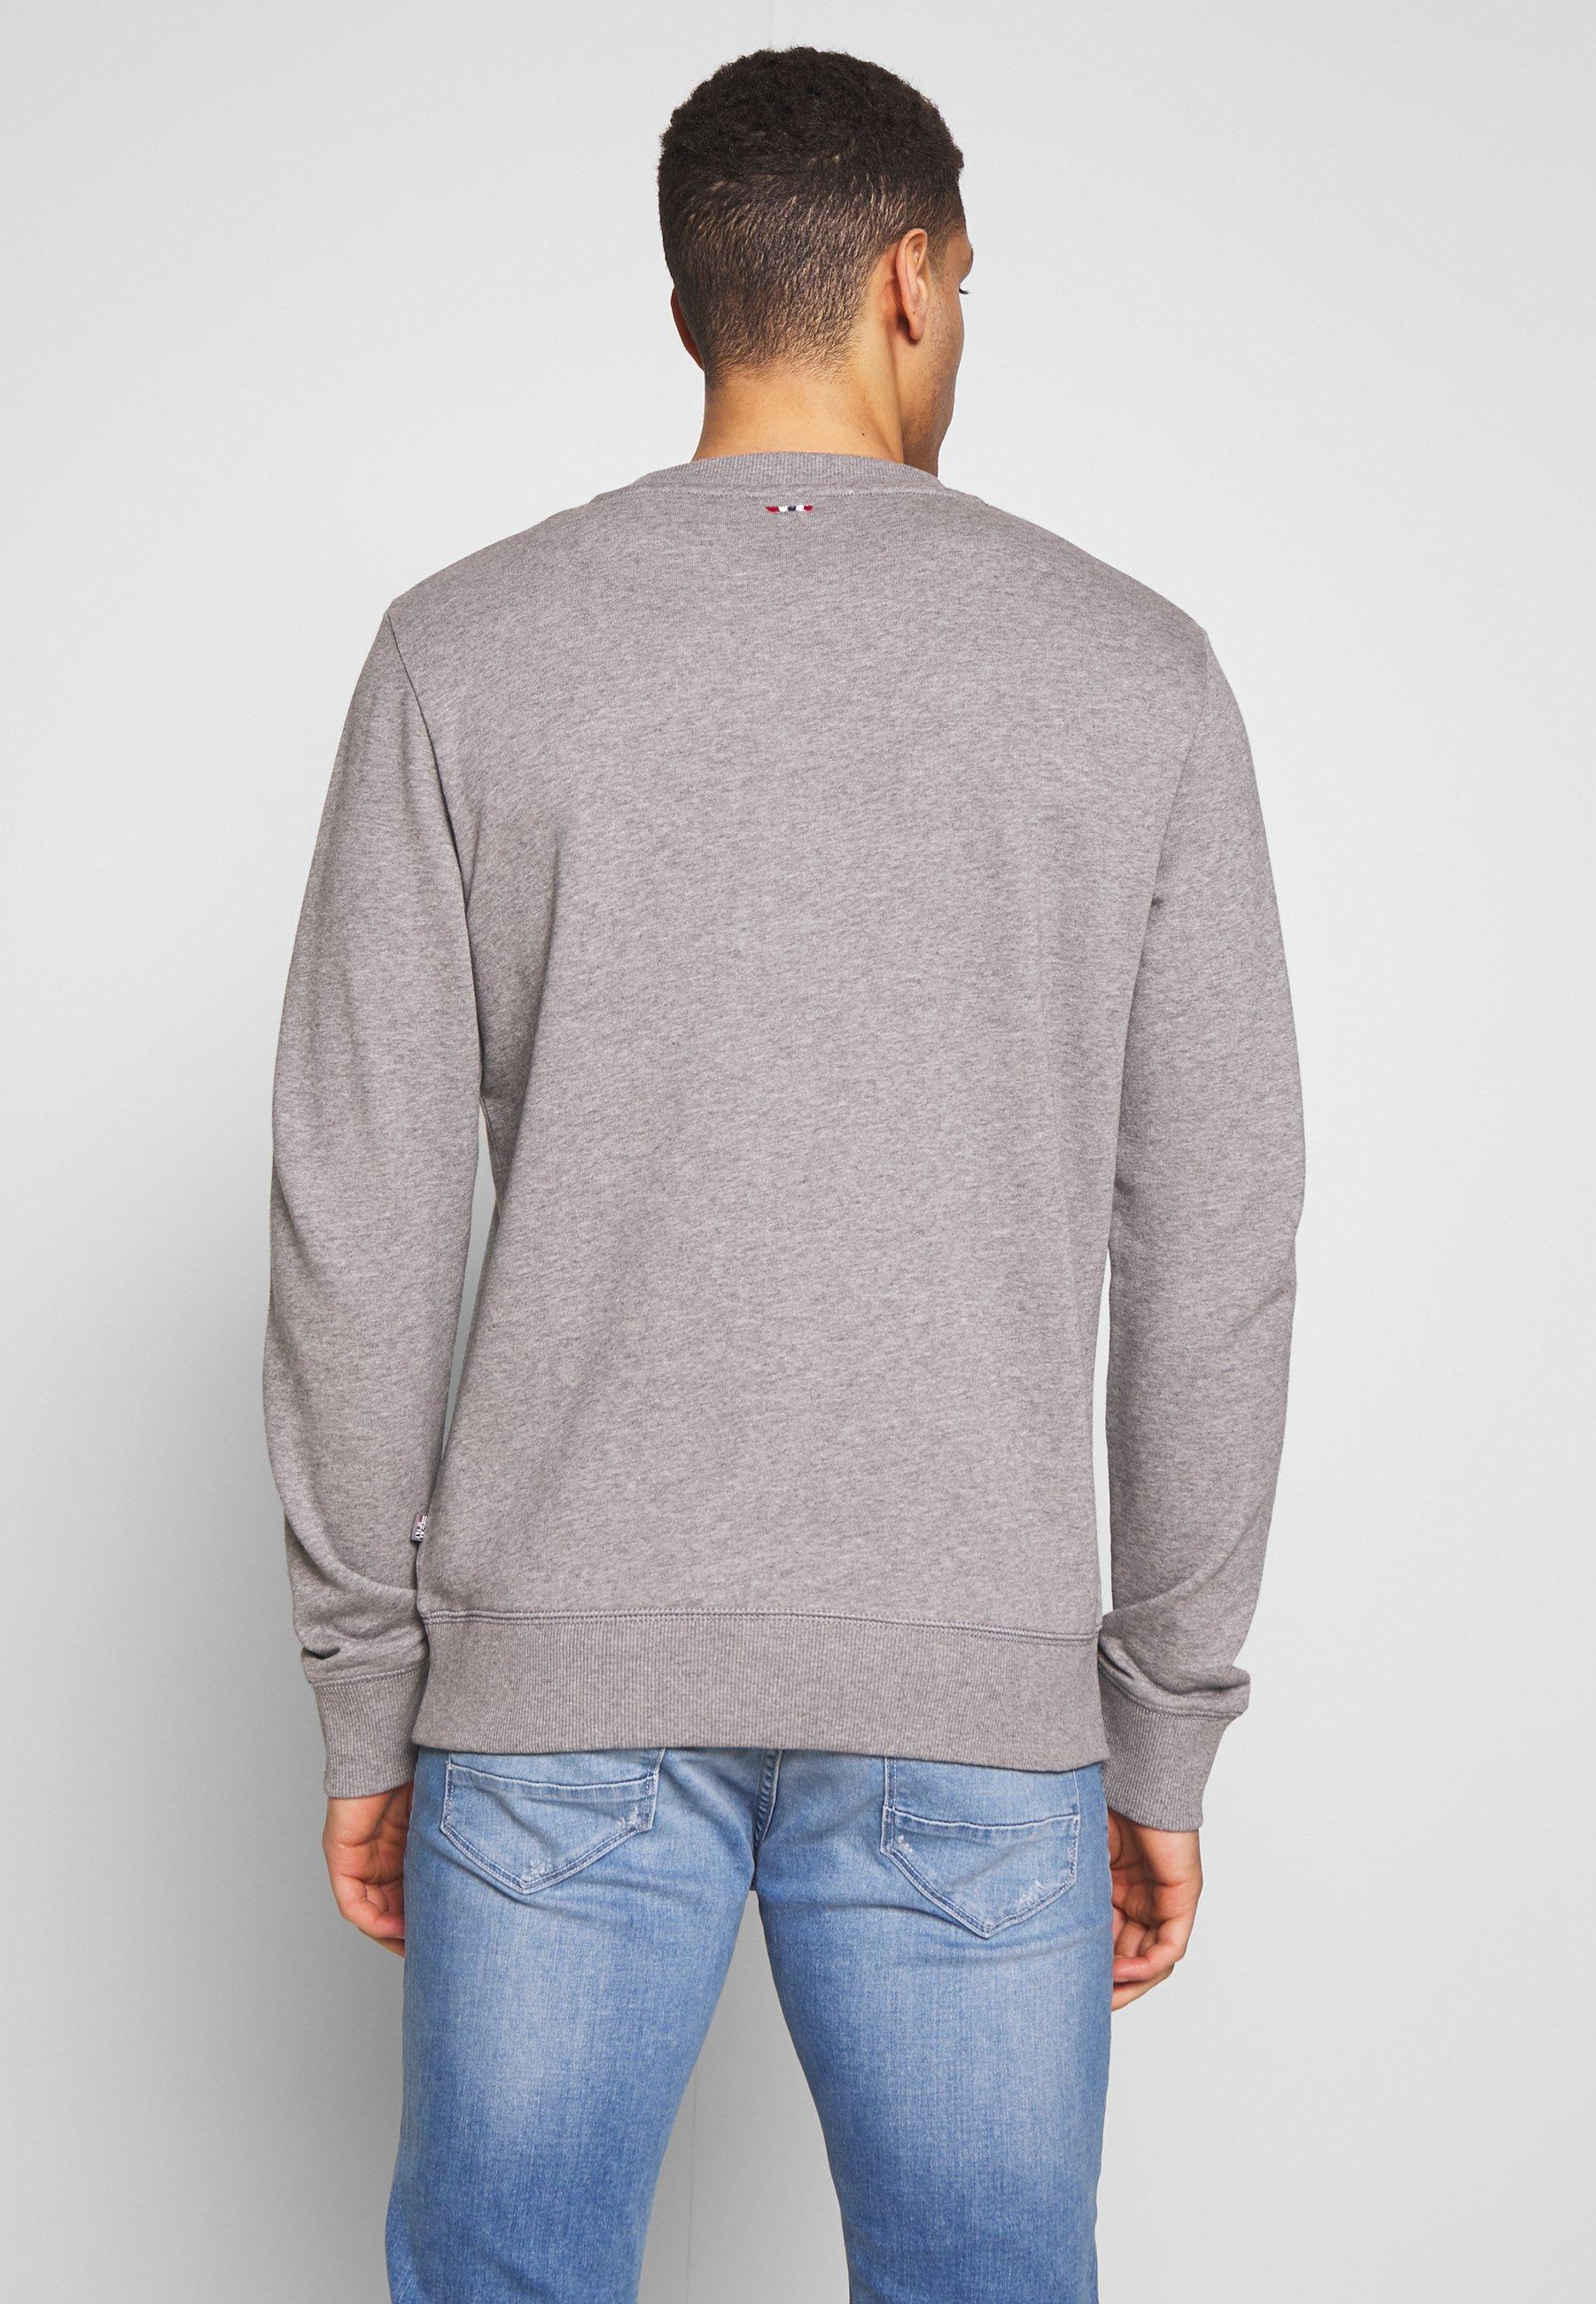 Napapijri BOVICO CREW NECK - Felpa - mottled grey